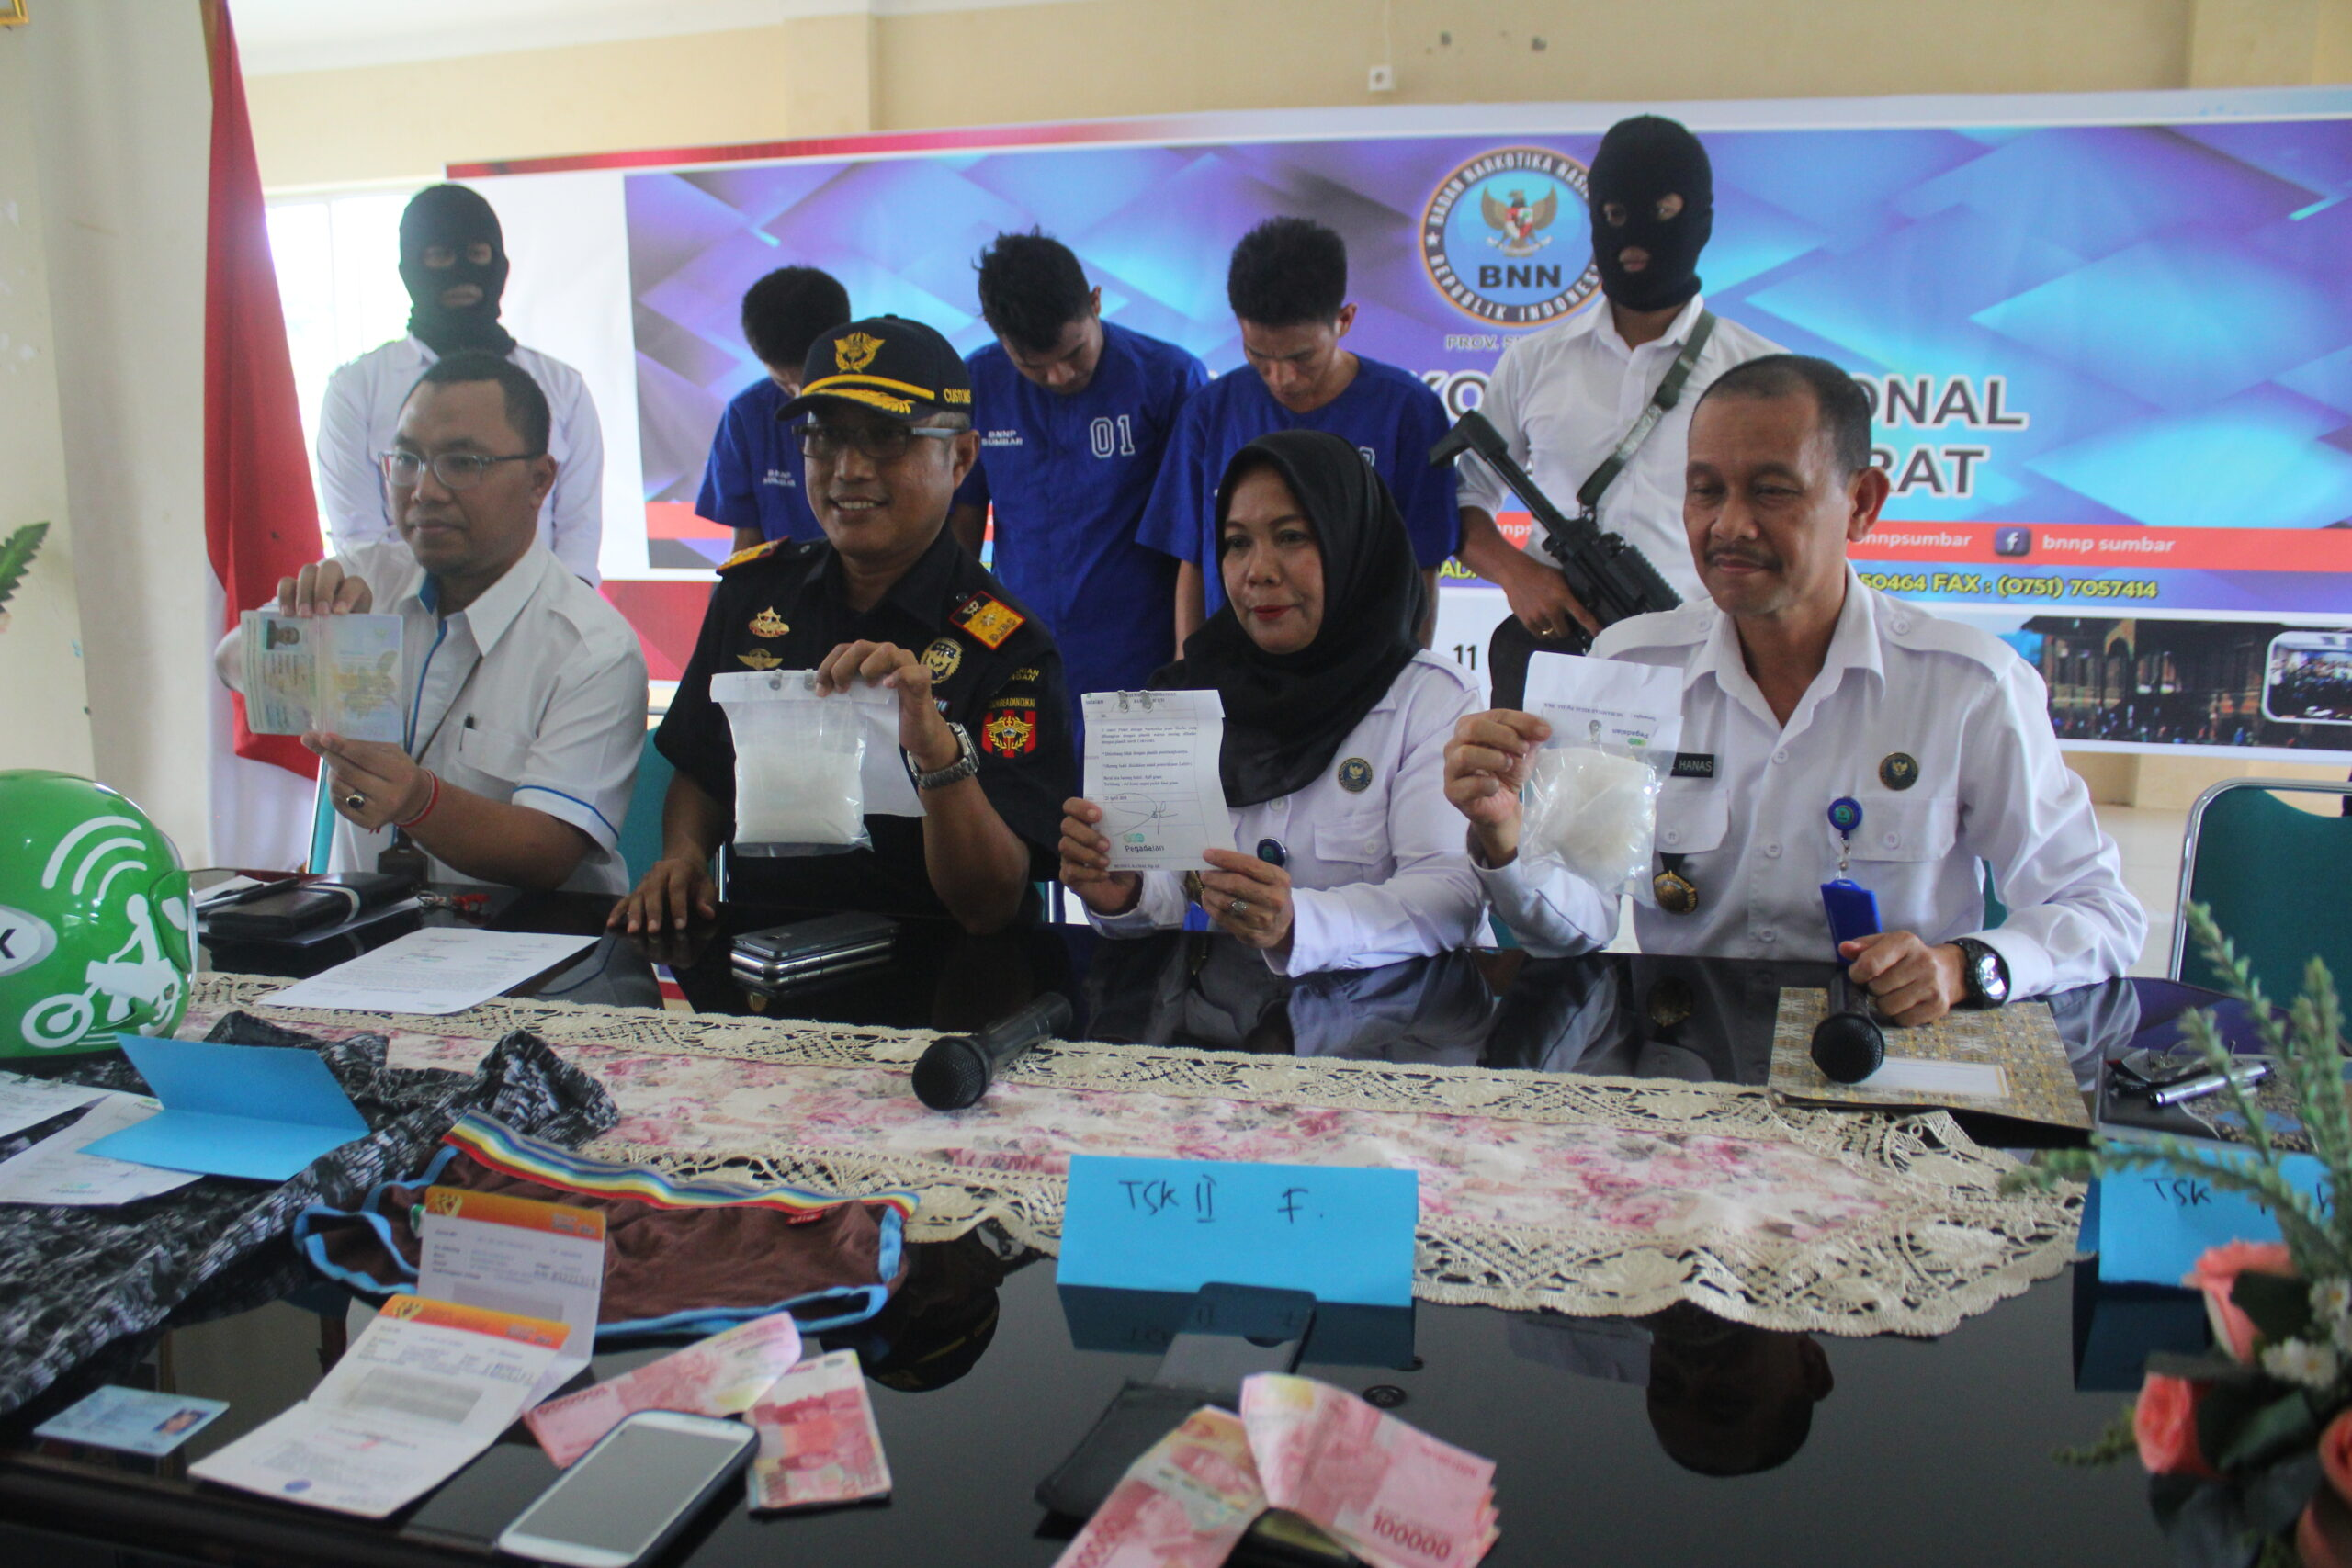 BARANG BUKTI | Petugas BNNP Sumatera Barat memperlihatkan sejumlah barang bukti yang berhasil disita saat melakukan operasi penangkapan terhadap seorang kurir sabu di Bandara Internasional Minangkabau (BIM), Kabupaten Padang Pariaman, Sumbar.